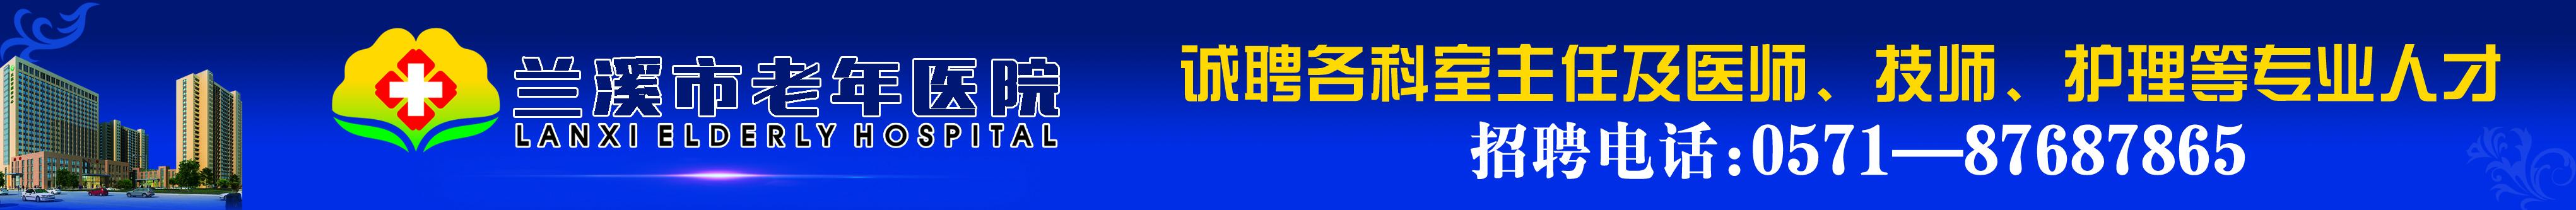 兰溪市百城养老产业投资建设有限公司